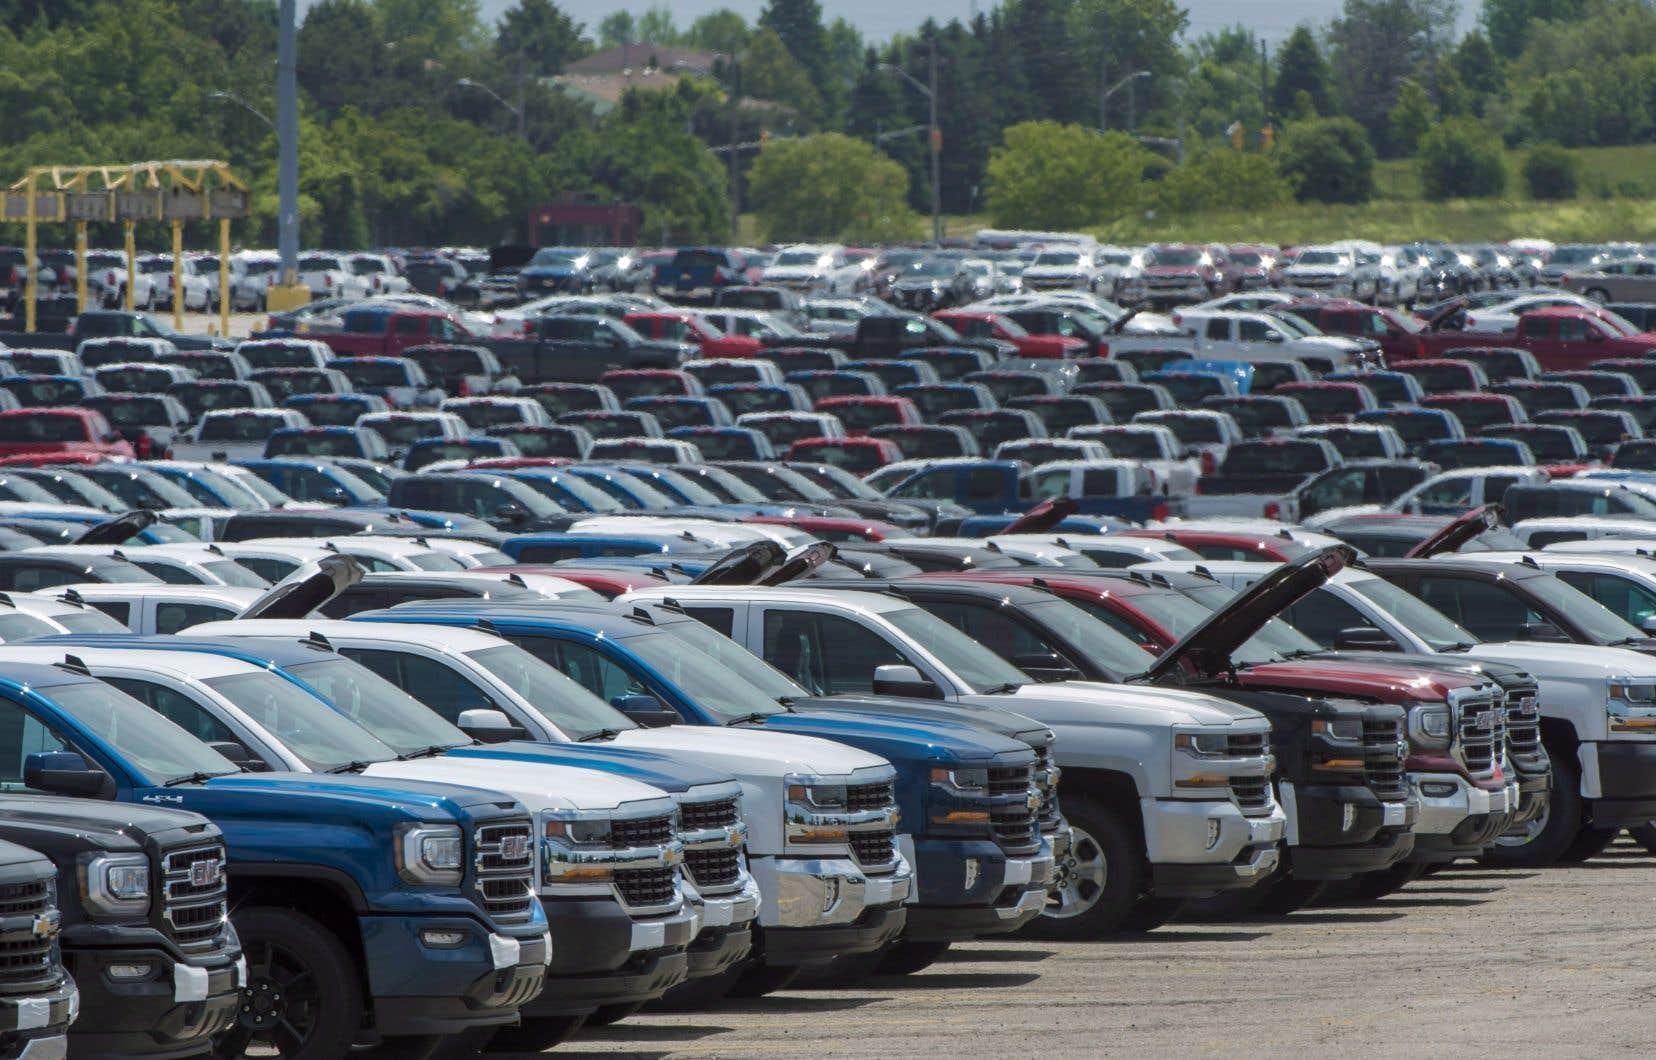 La valeur des ventes en gros s'est établie à 63,8milliards de dollars en mai, essentiellement en raison de diminutions dans le sous-secteur des véhicules automobiles et de leurs pièces et accessoires.